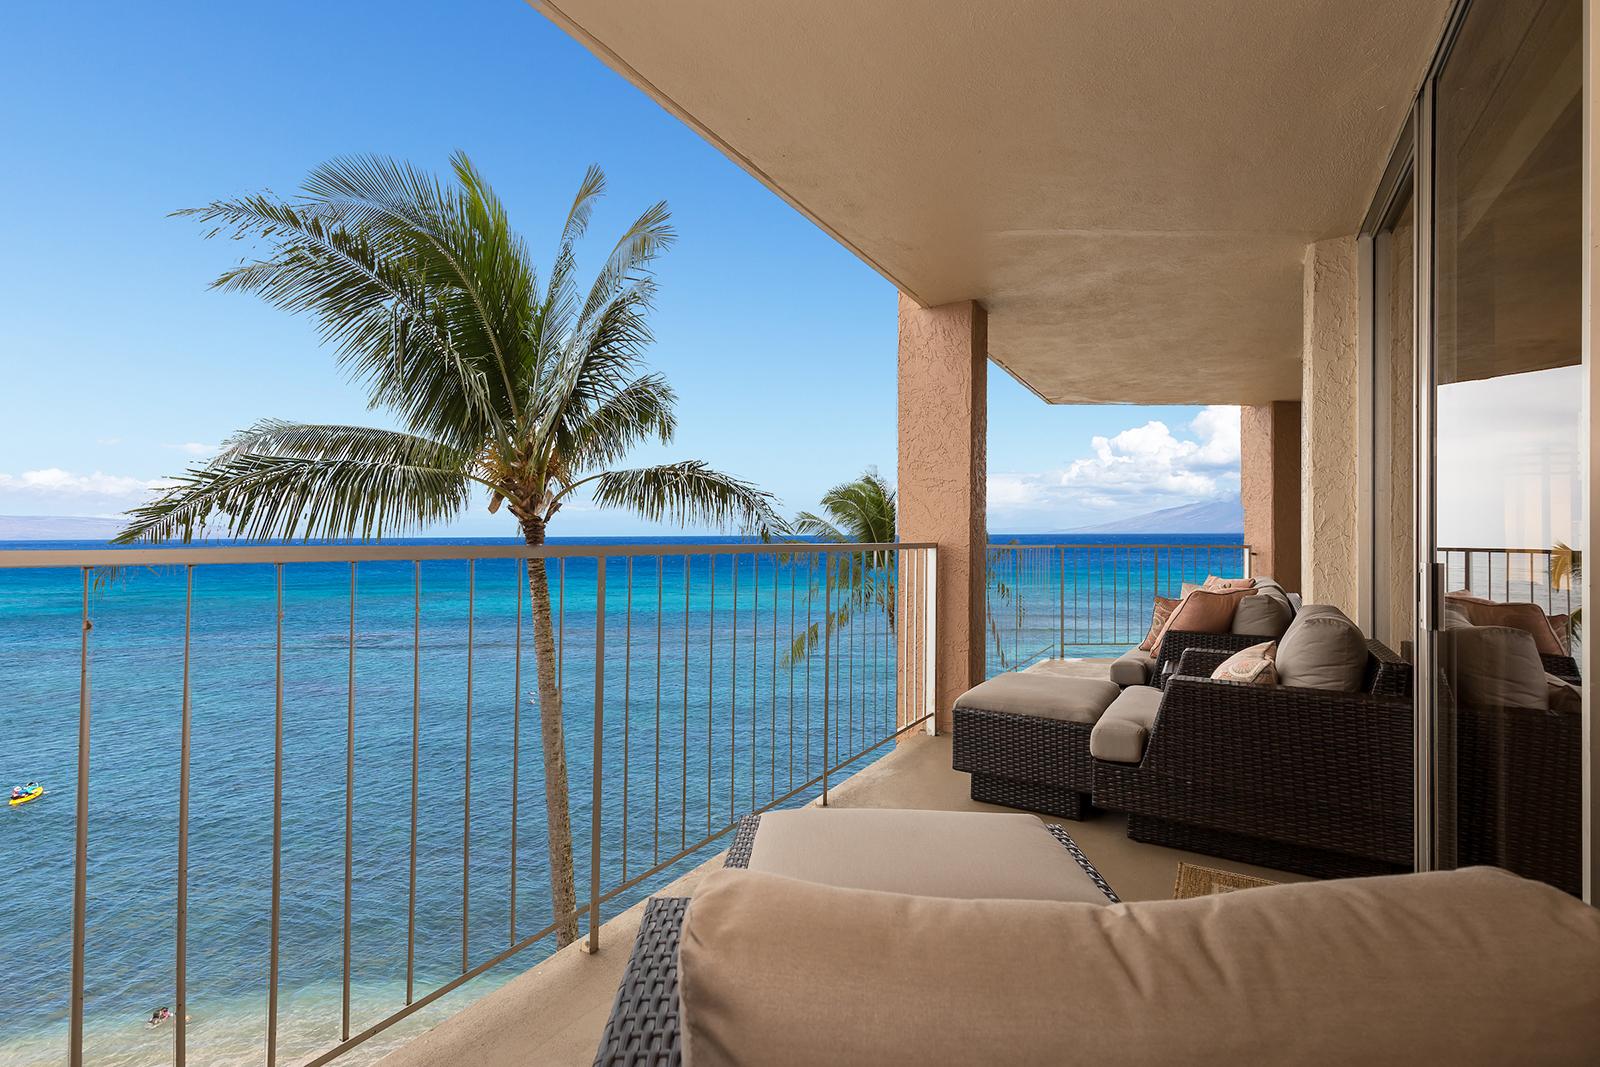 Royal-Kahana-Maui-Beach-Resort-Condos-RK510-2484.jpg